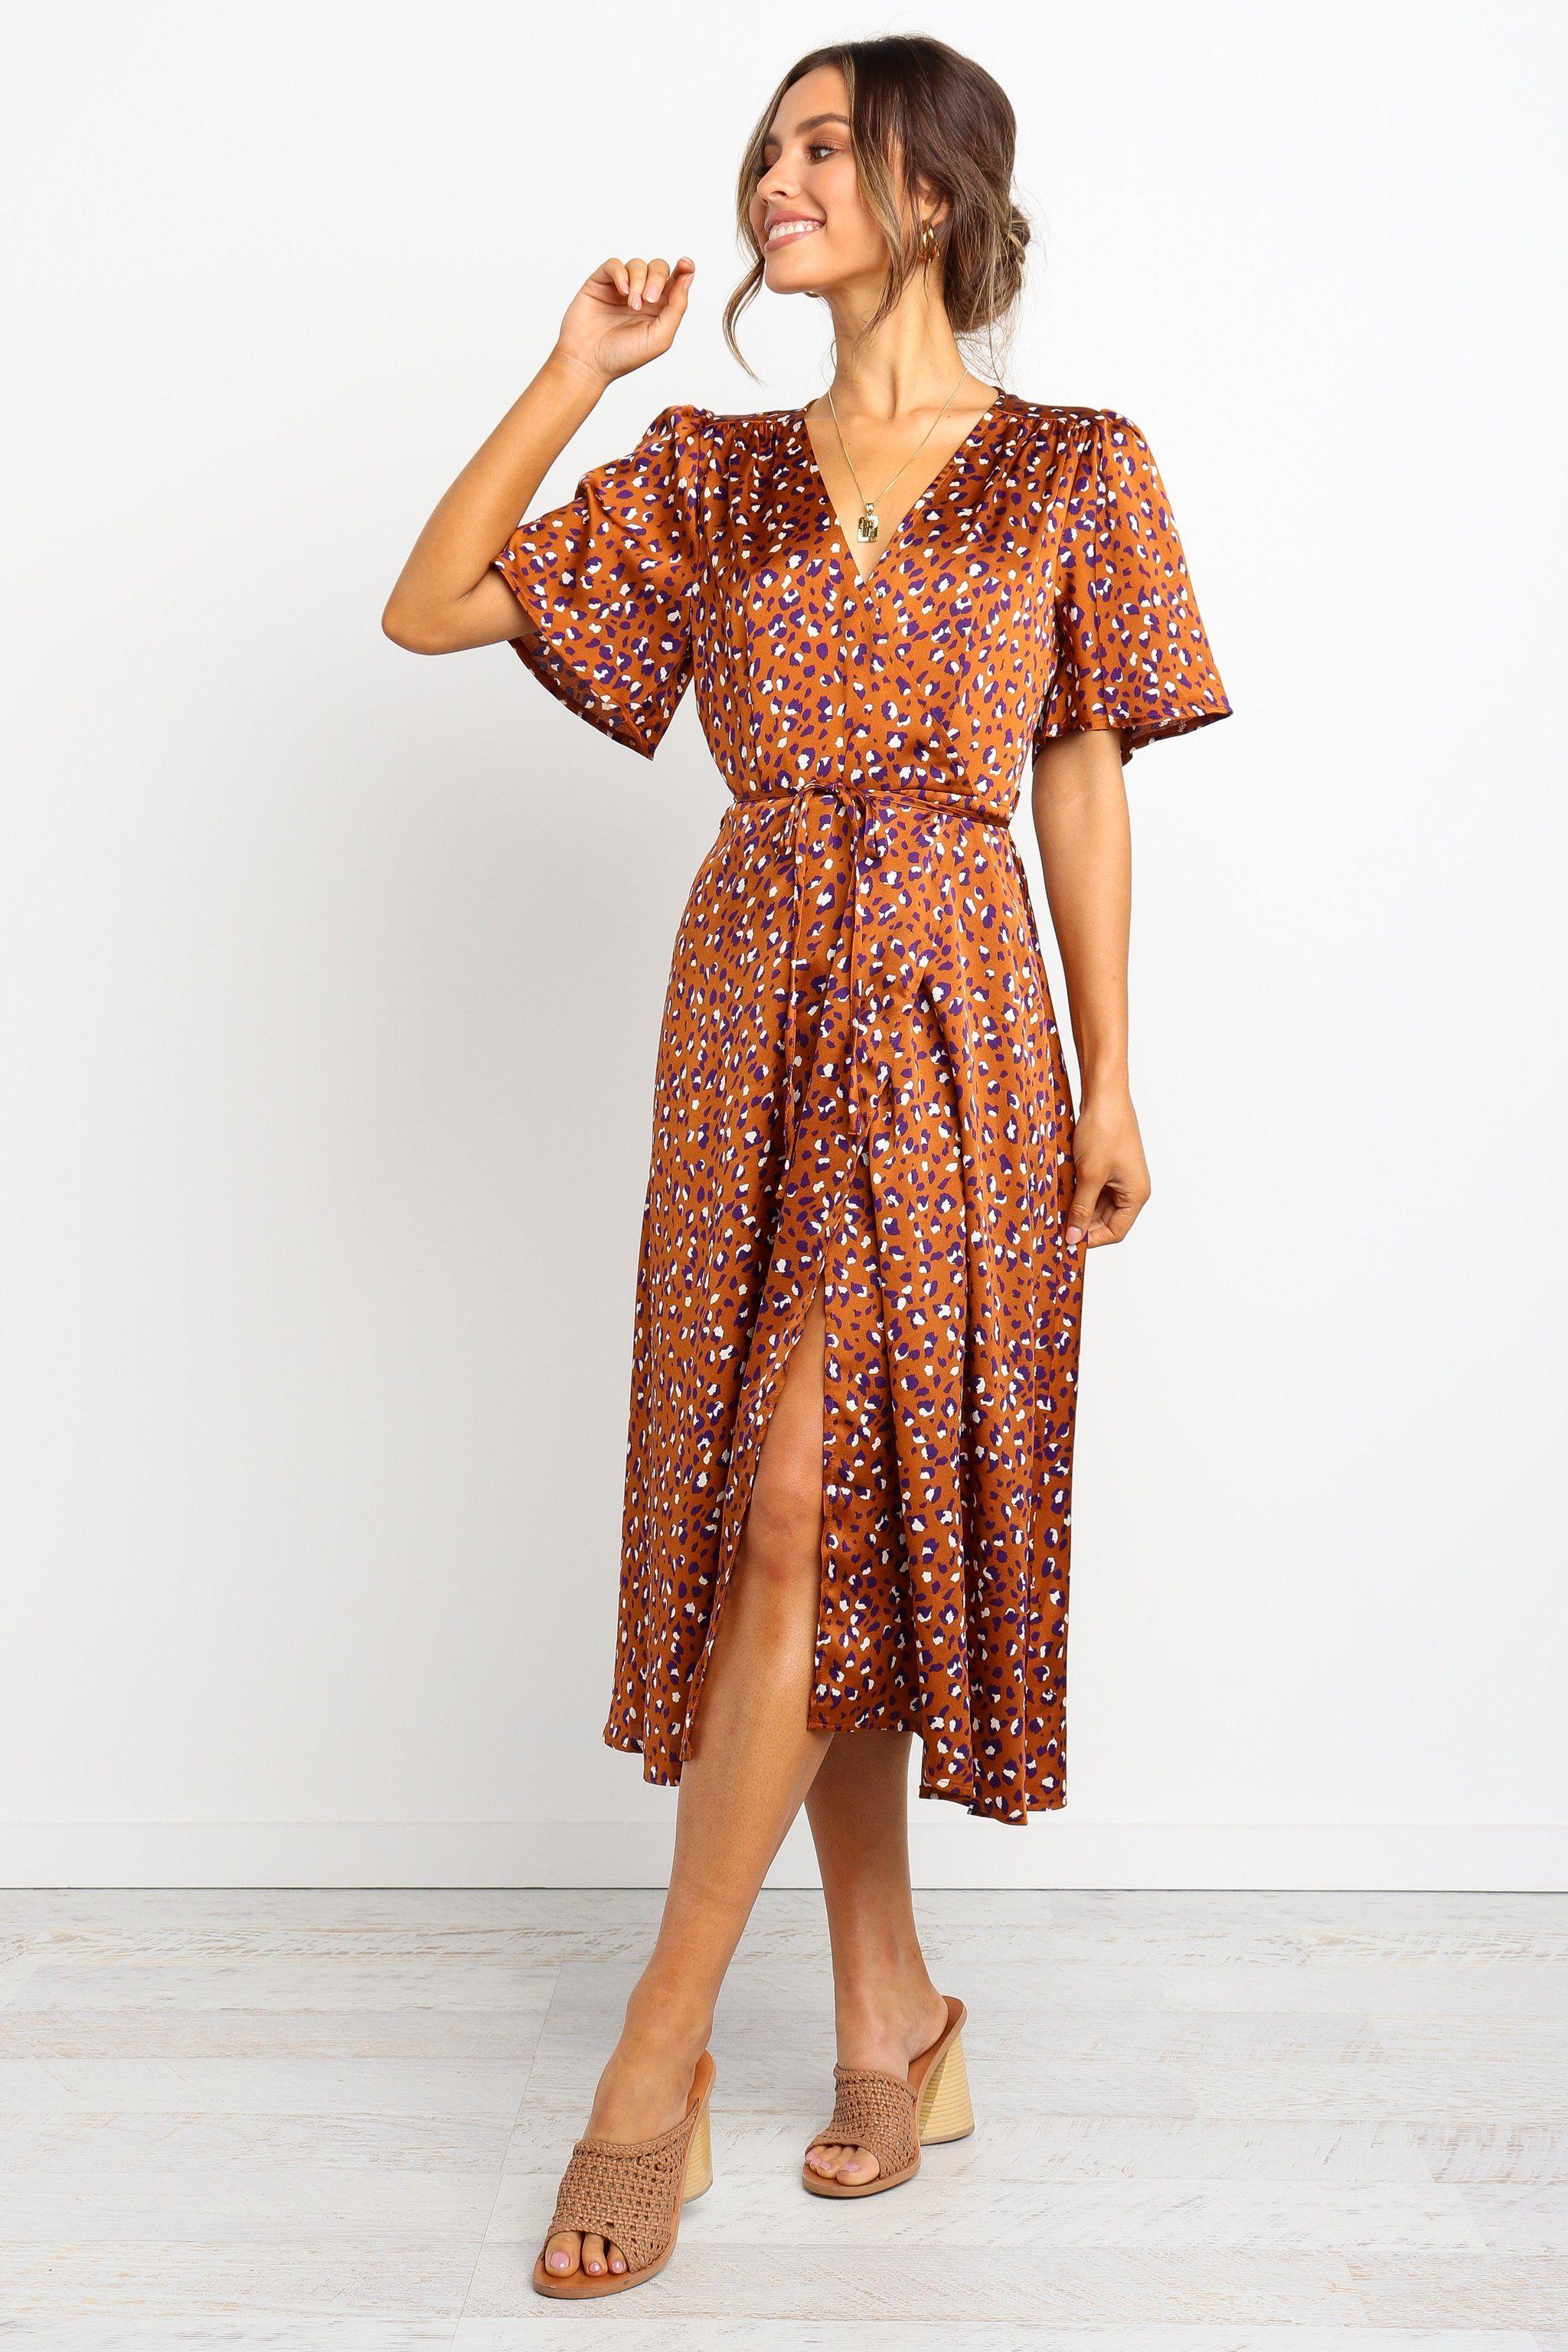 Lagos Dress Tan Petal Pup Dresses Wrap Dress Fashion [ 3072 x 2048 Pixel ]